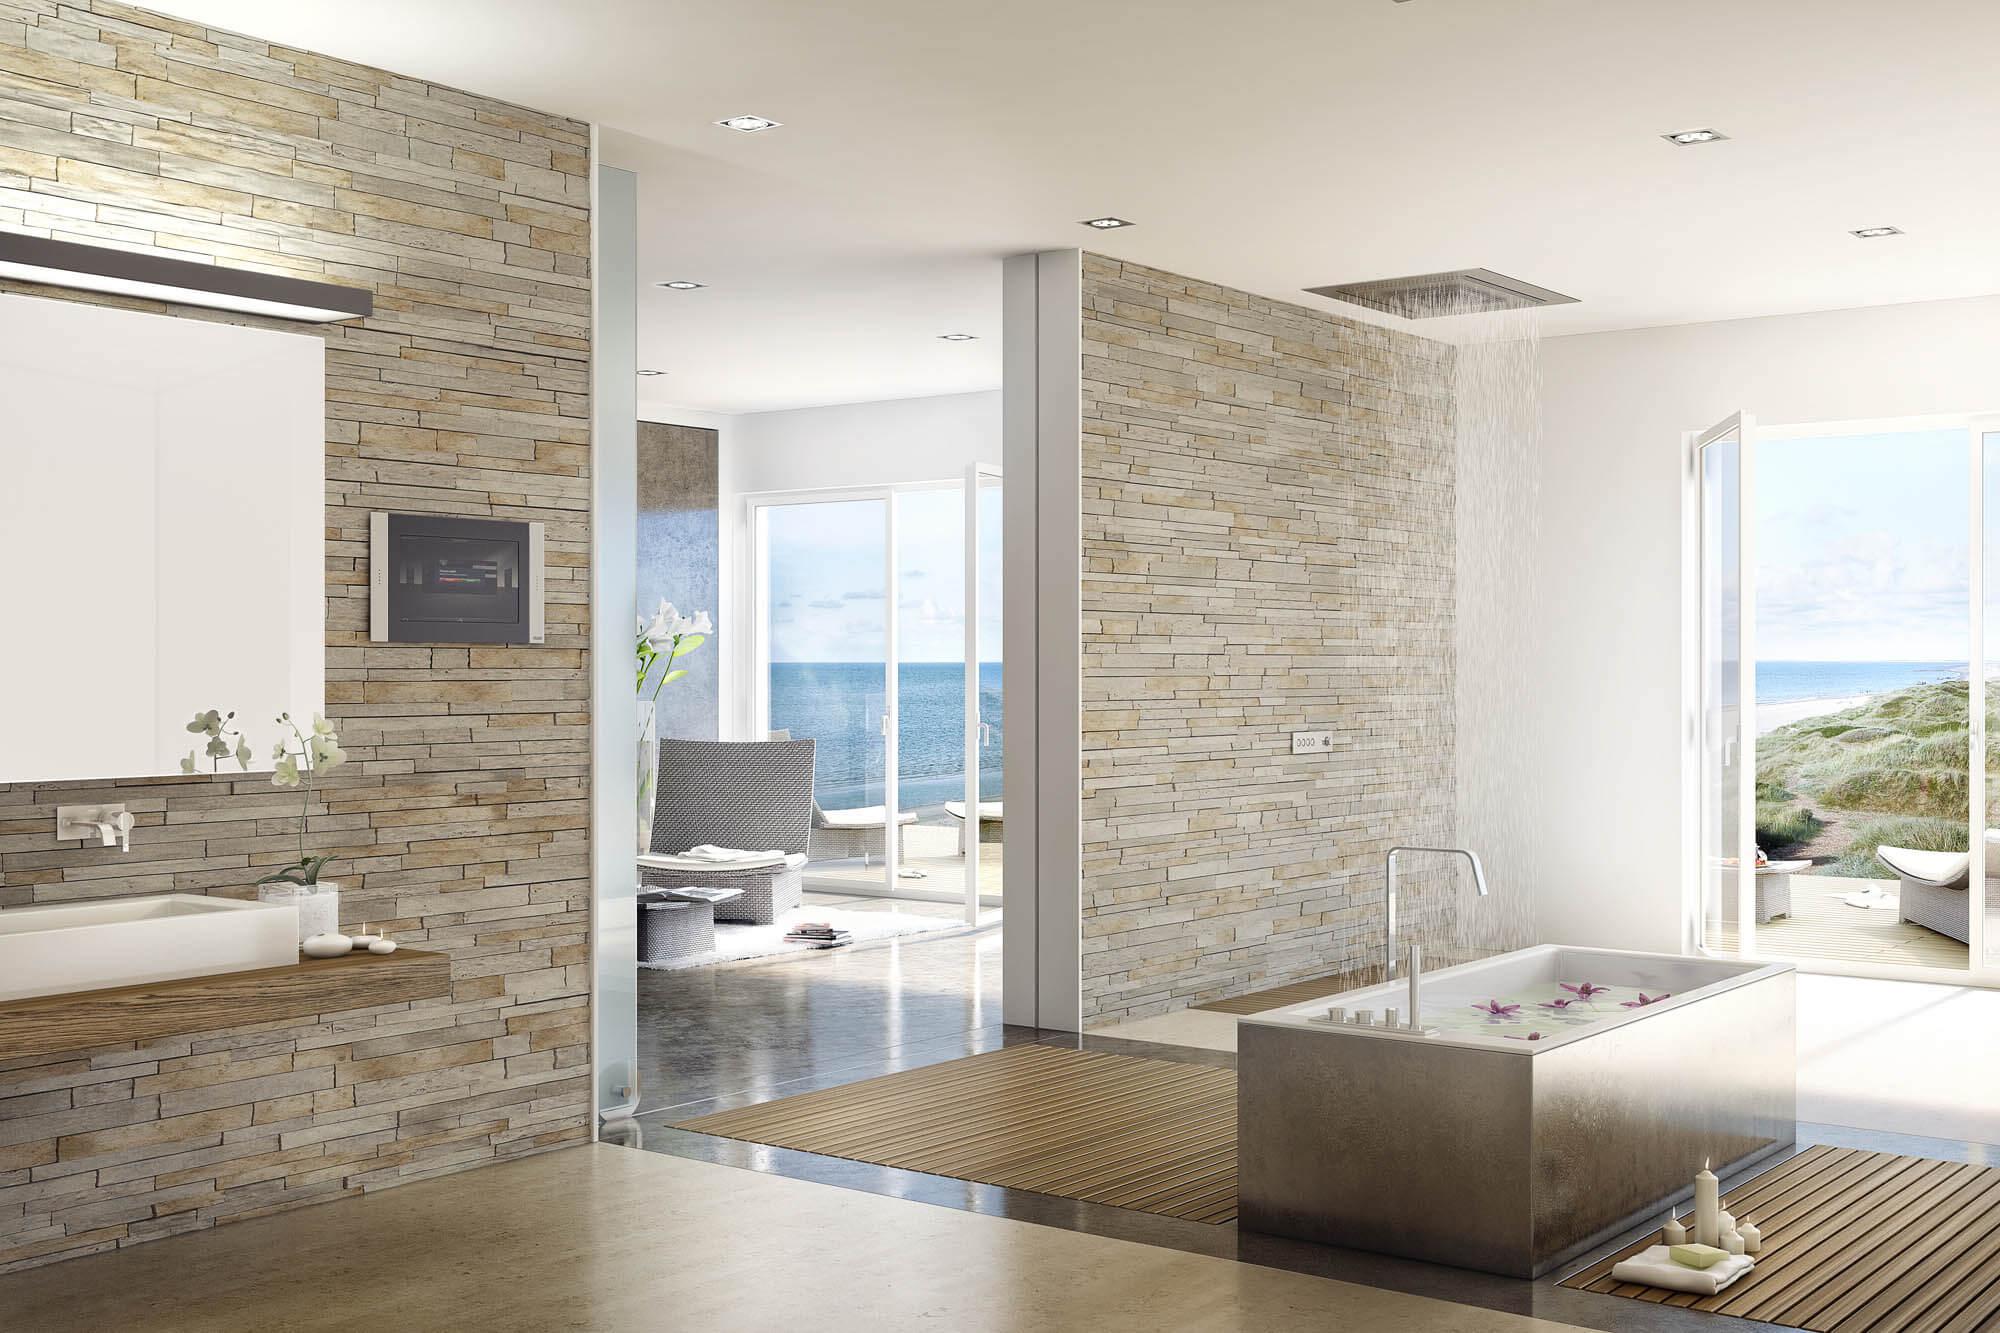 Neue badezimmer trends badezimmer 12 aktuelle farbtrends for Badezimmer trends